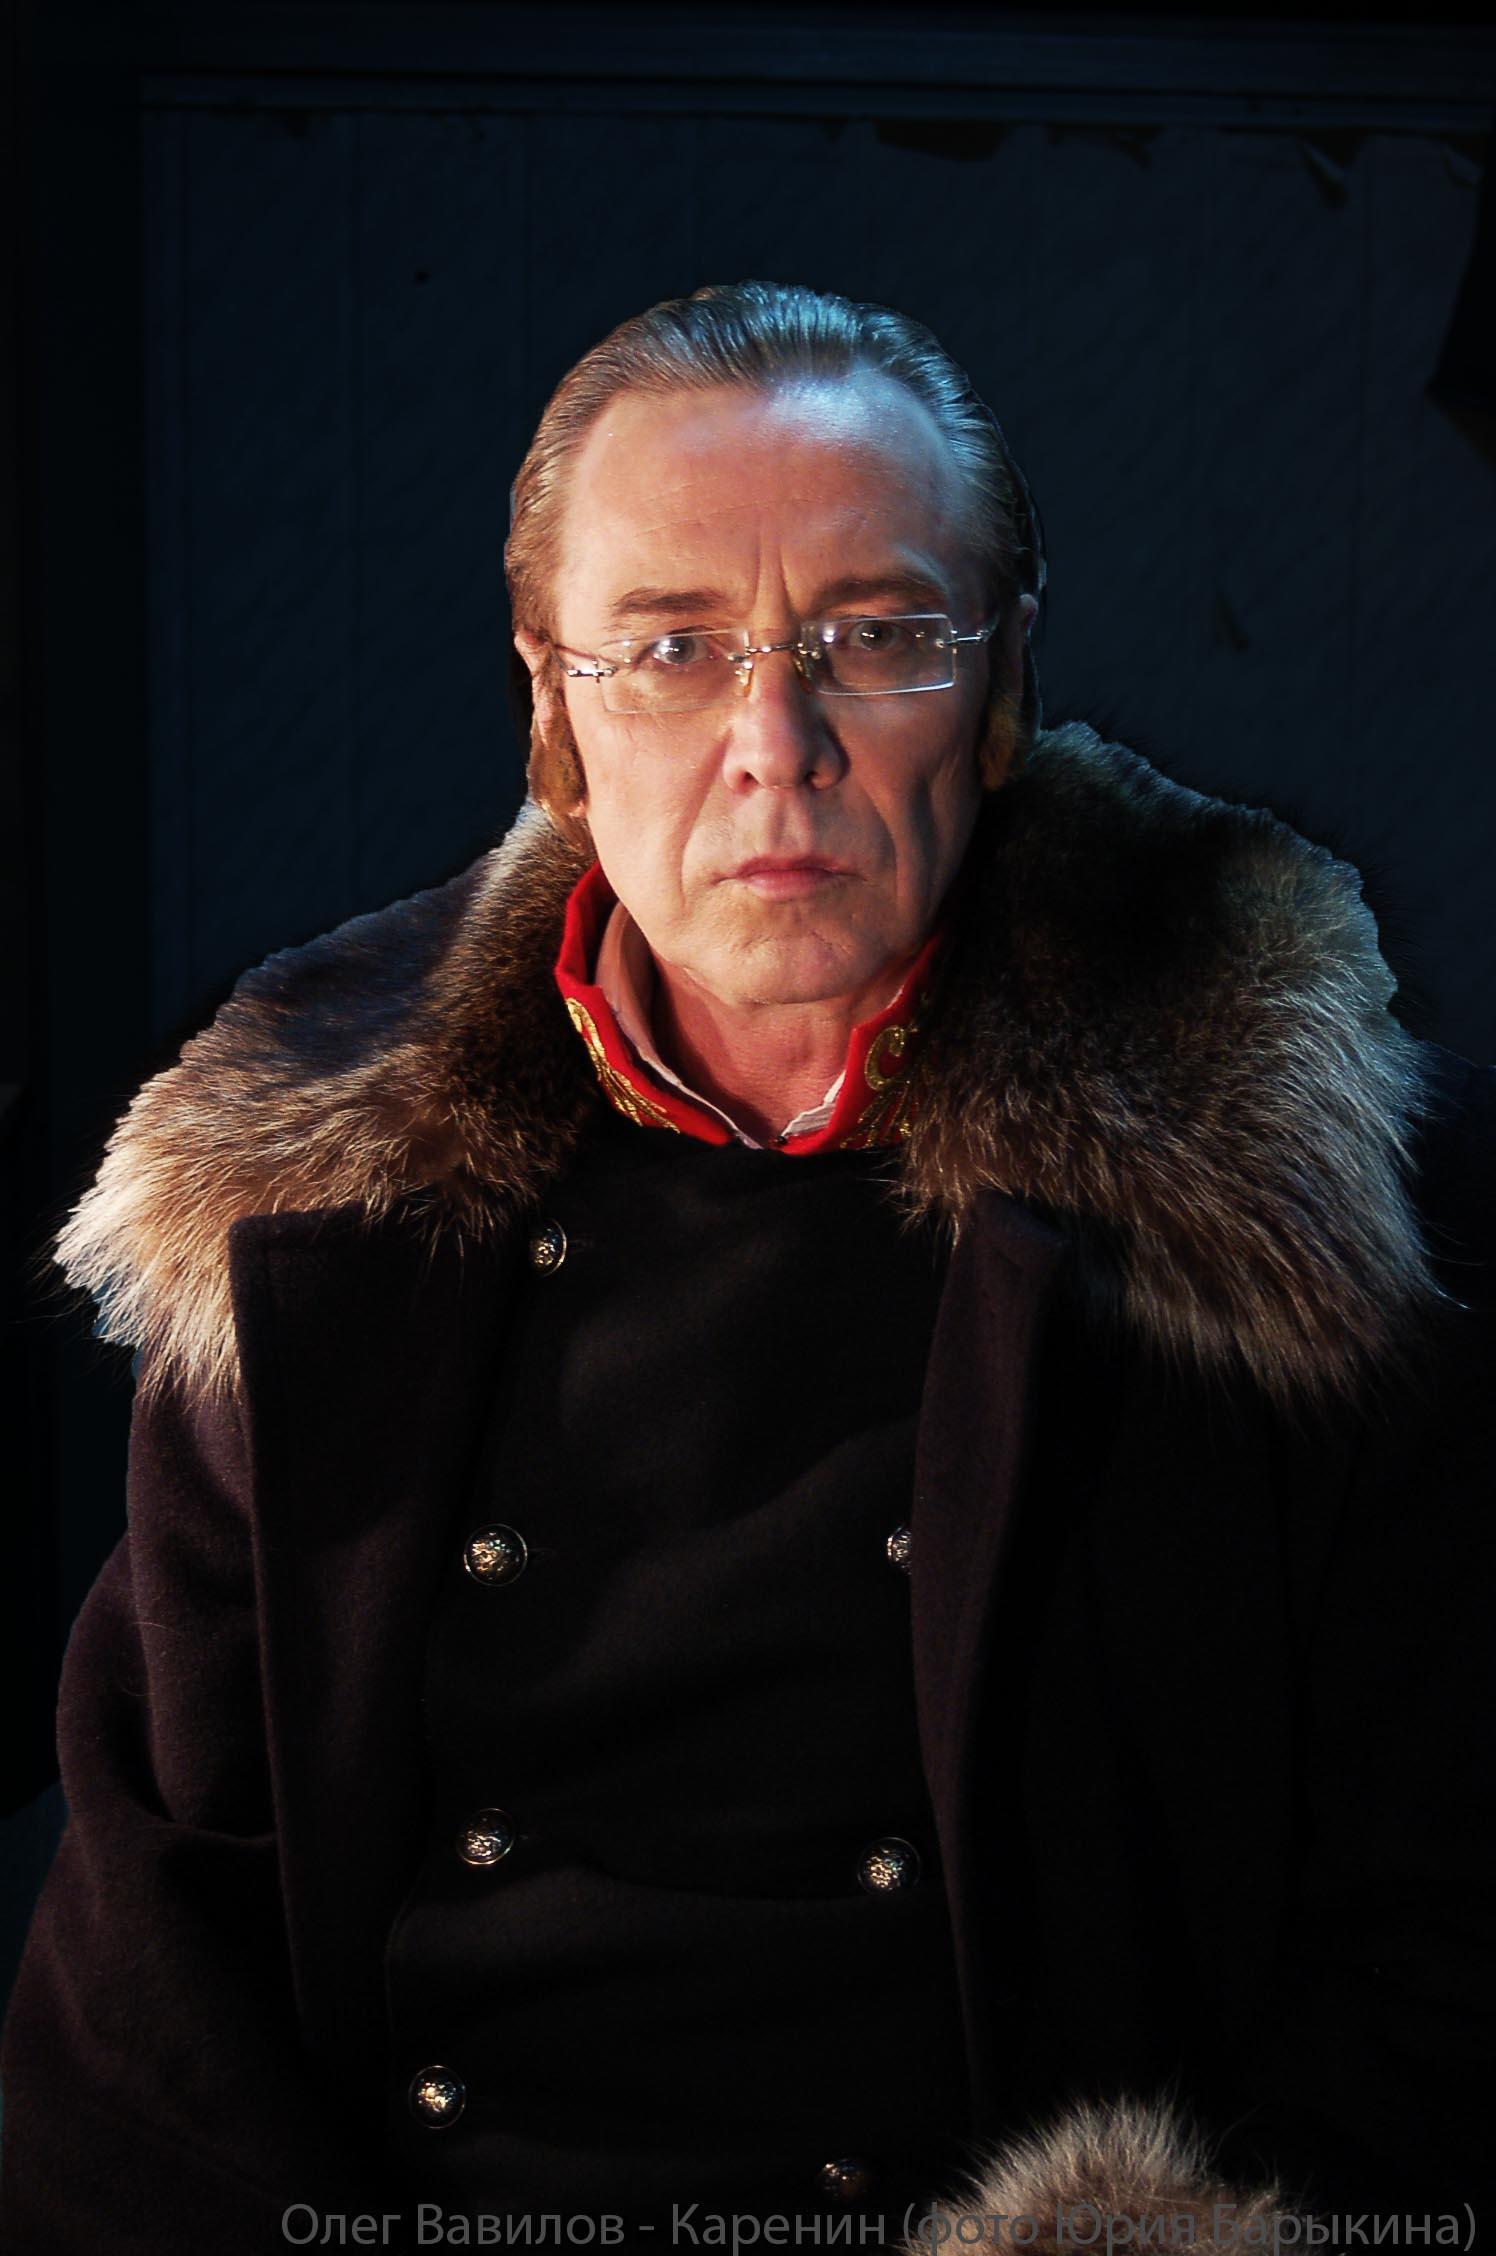 Олег вавилов актер фото